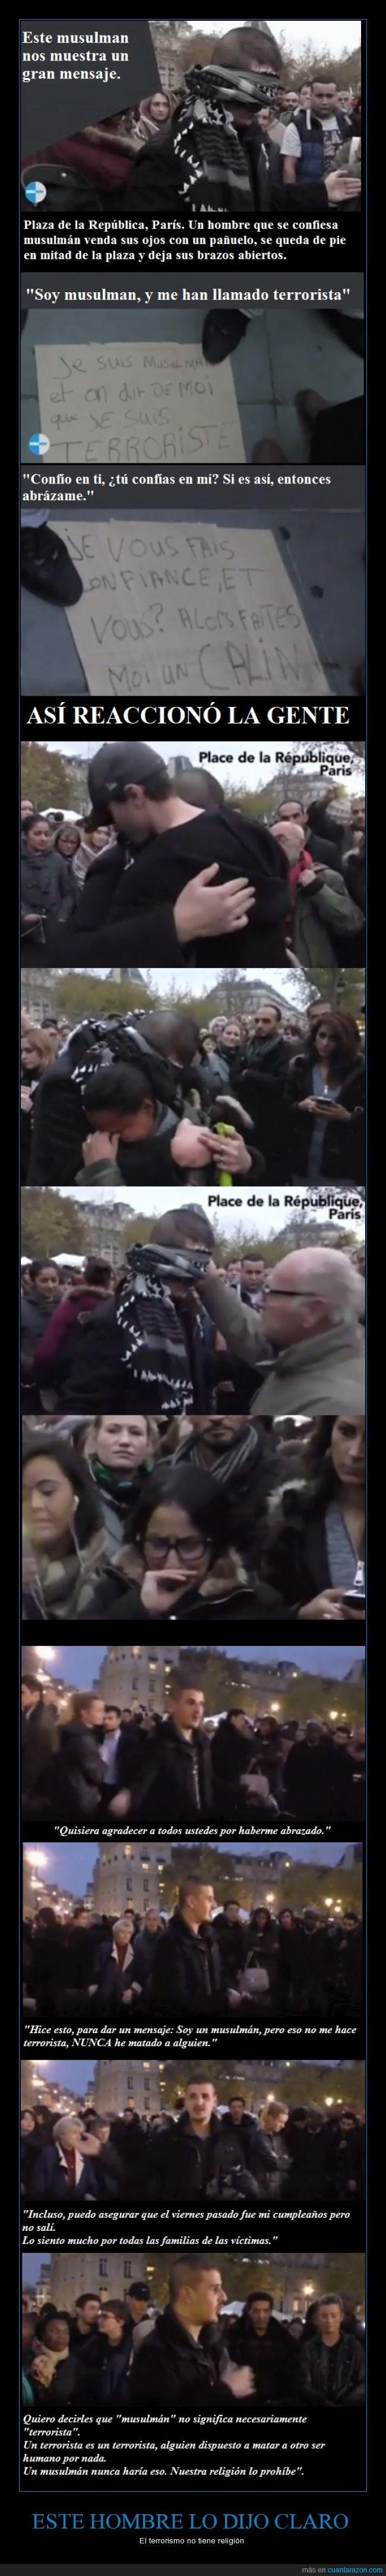 Abrazo,Condolencias,ISIS,Mensaje,Musulmán,No comenten demagogia,Paris,Religion,Terrorismo